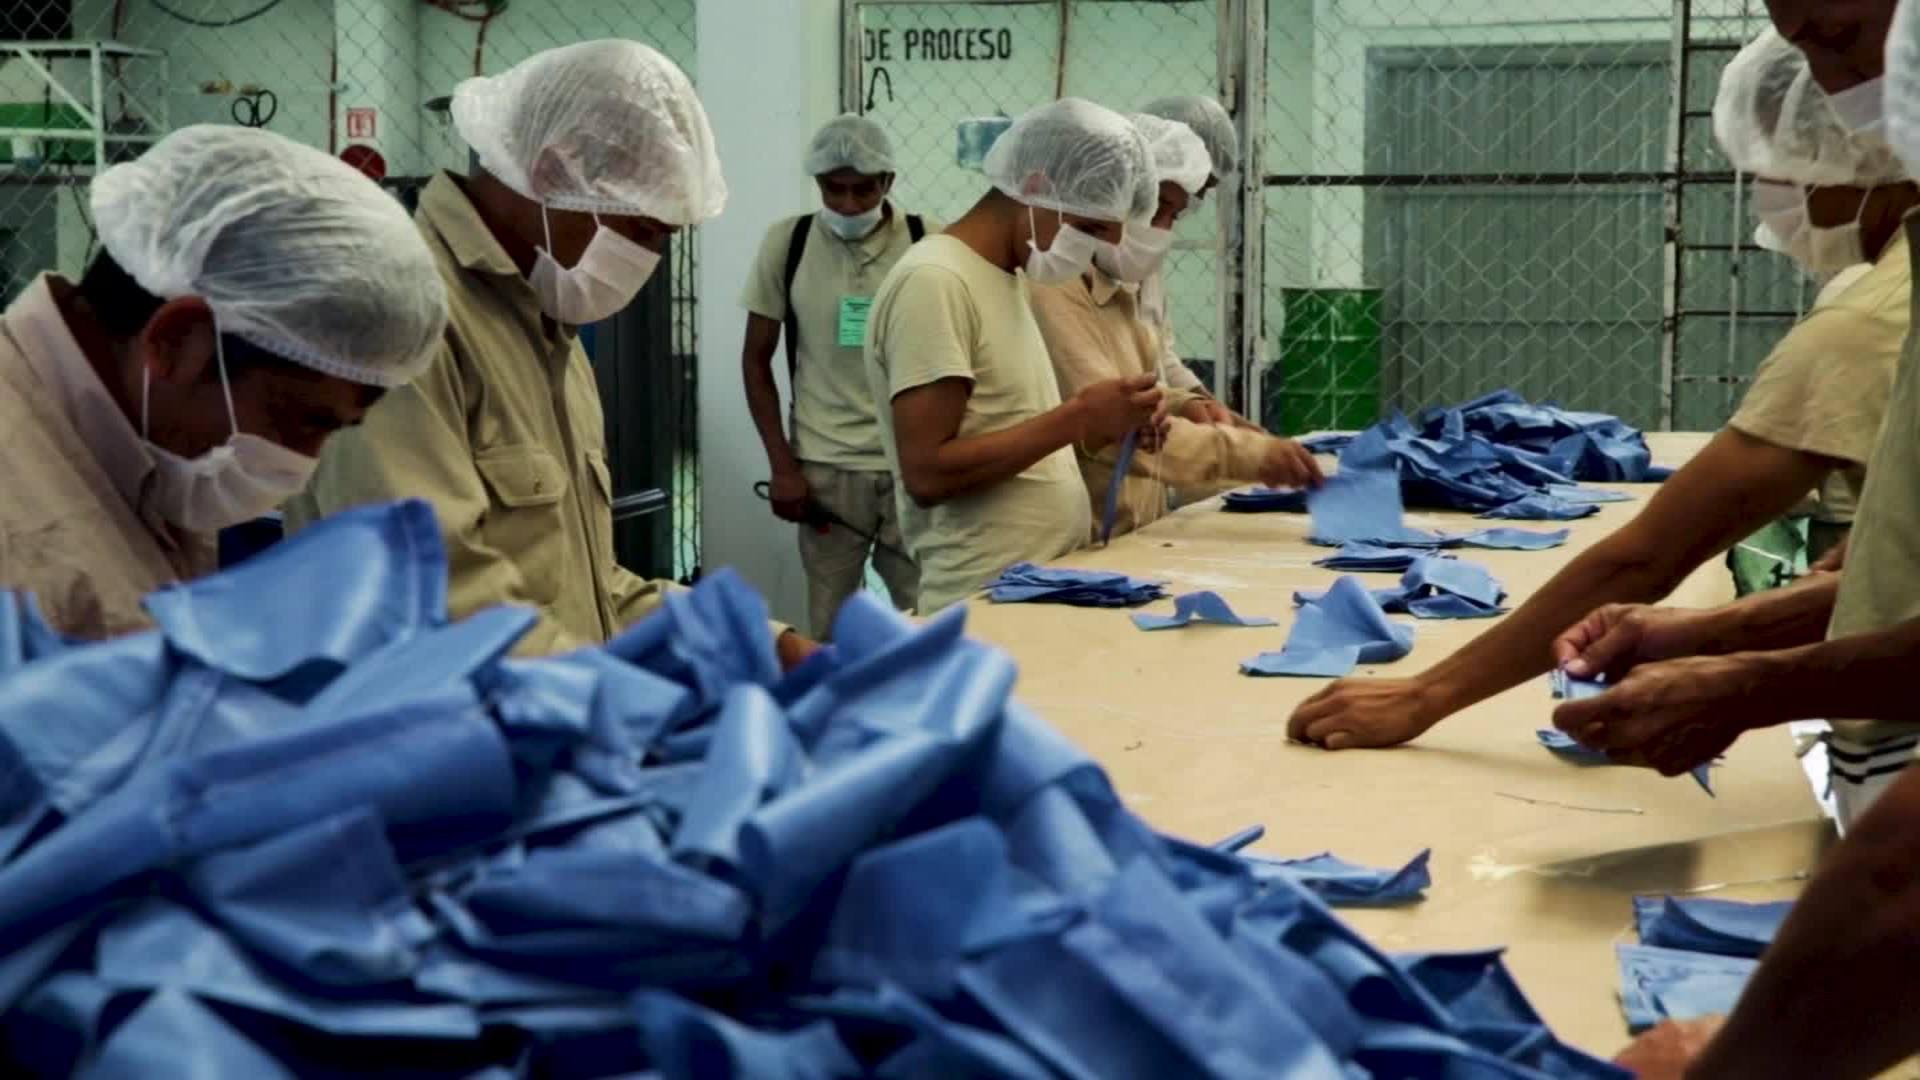 Presos en Ciudad de México fabrican miles de mascarillas por el coronavirus - CNN Video